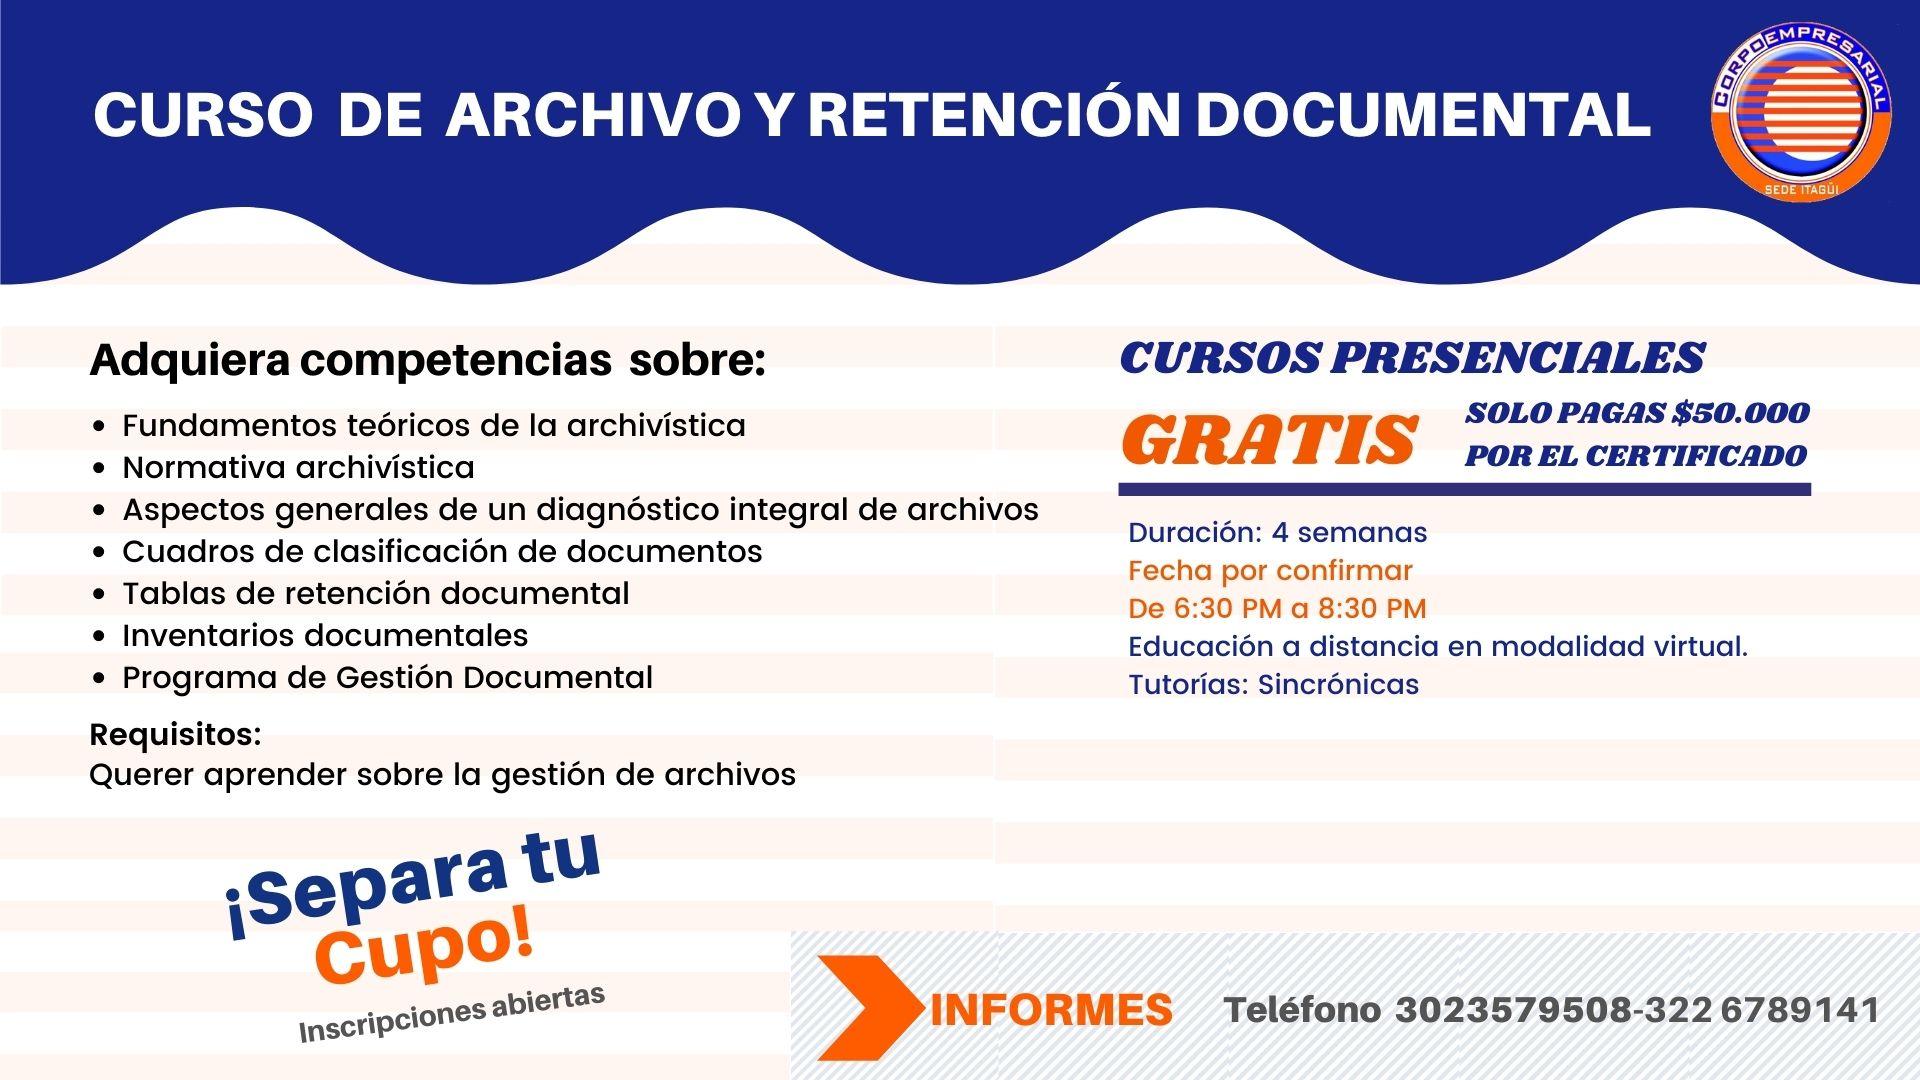 Taller de archivos y gestión documental